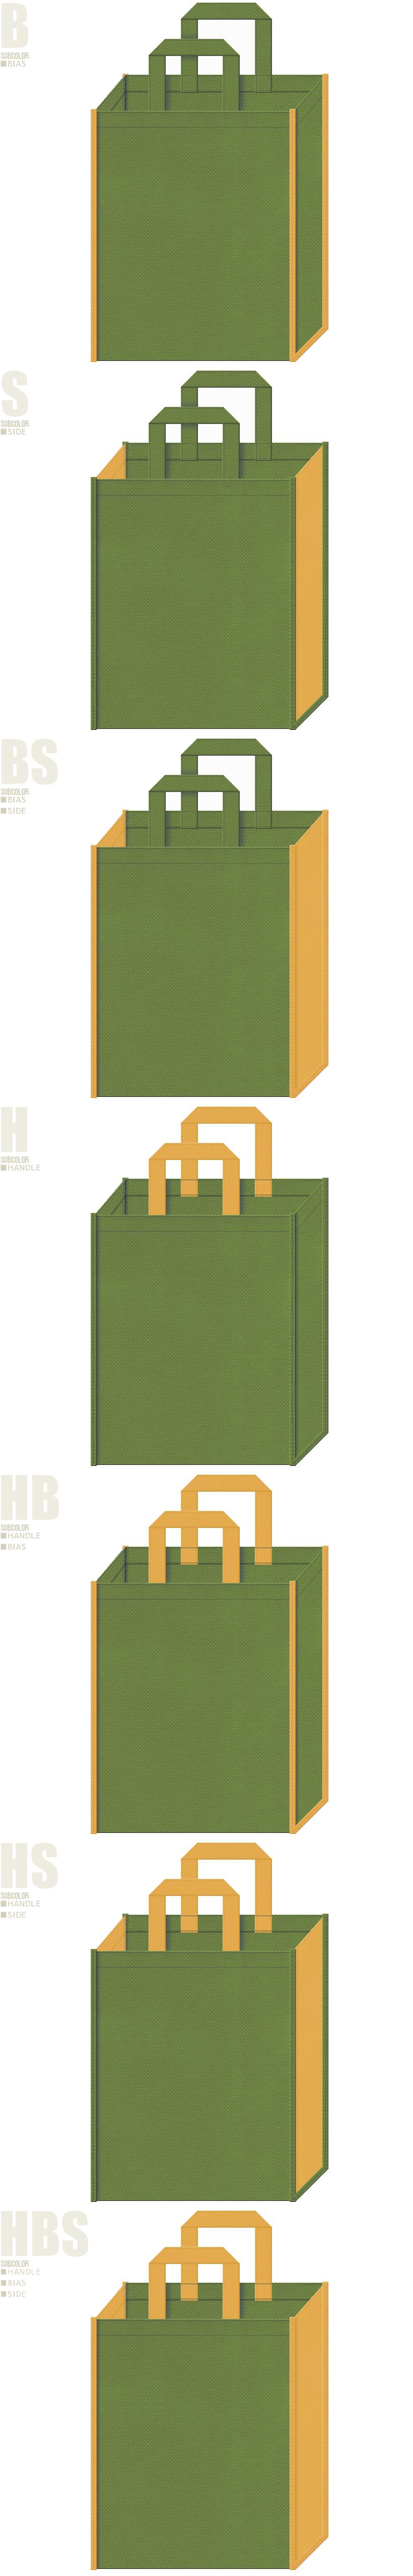 和菓子・民話・昔話・絵本の展示会用バッグにお奨めの不織布バッグデザイン:草色と黄土色の不織布バッグ配色7パターン。